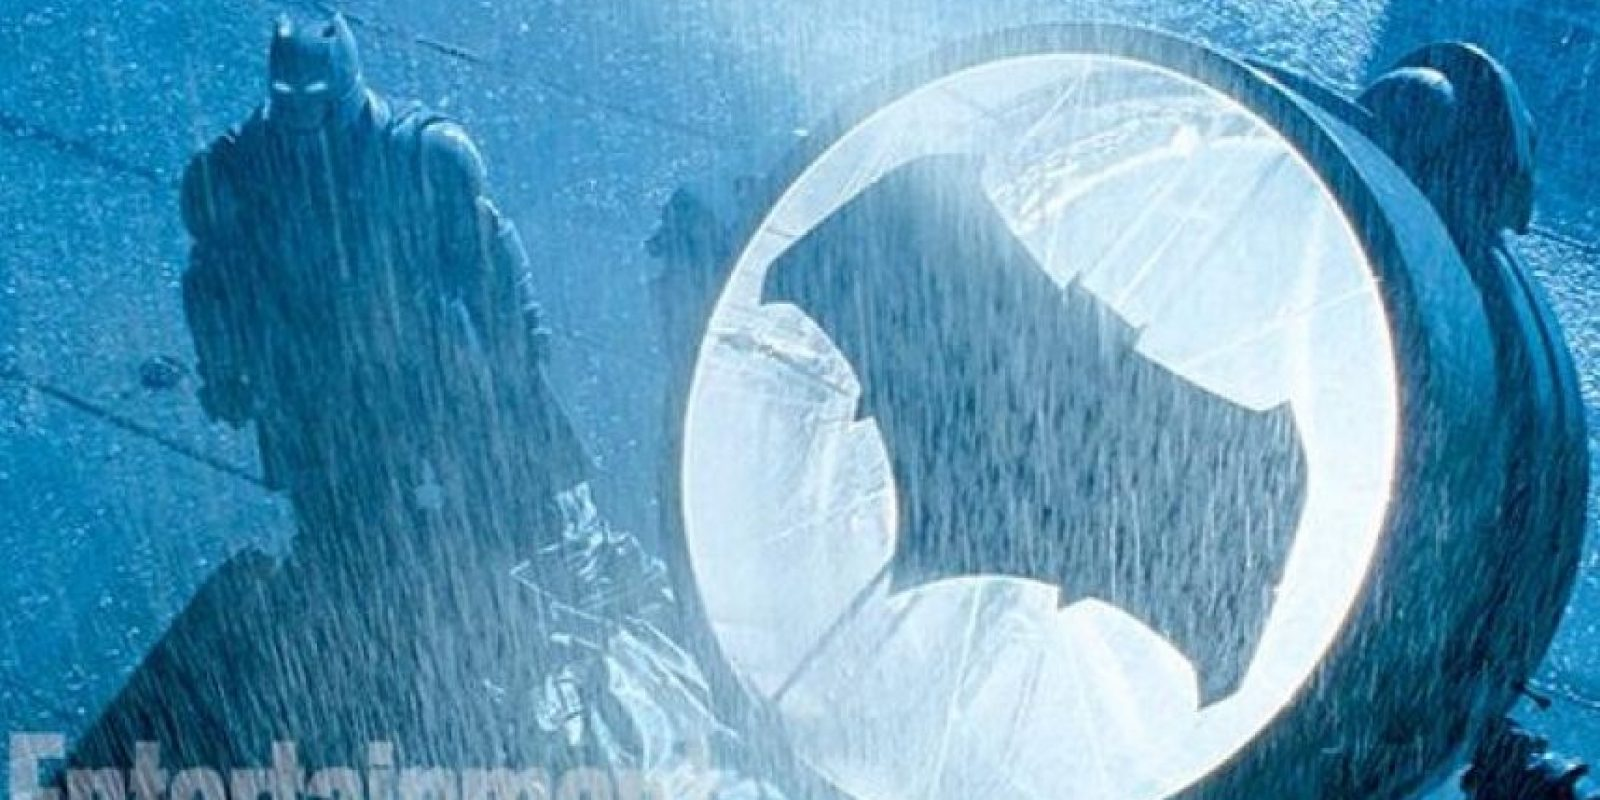 """""""Bruce Wayne"""", después de ser testigo del asesinato de sus padres cuando era niño, decide someterse a un riguroso entrenamiento físico y mental, más tarde se convierte en """"Batman"""" Foto:Twitter/EW"""